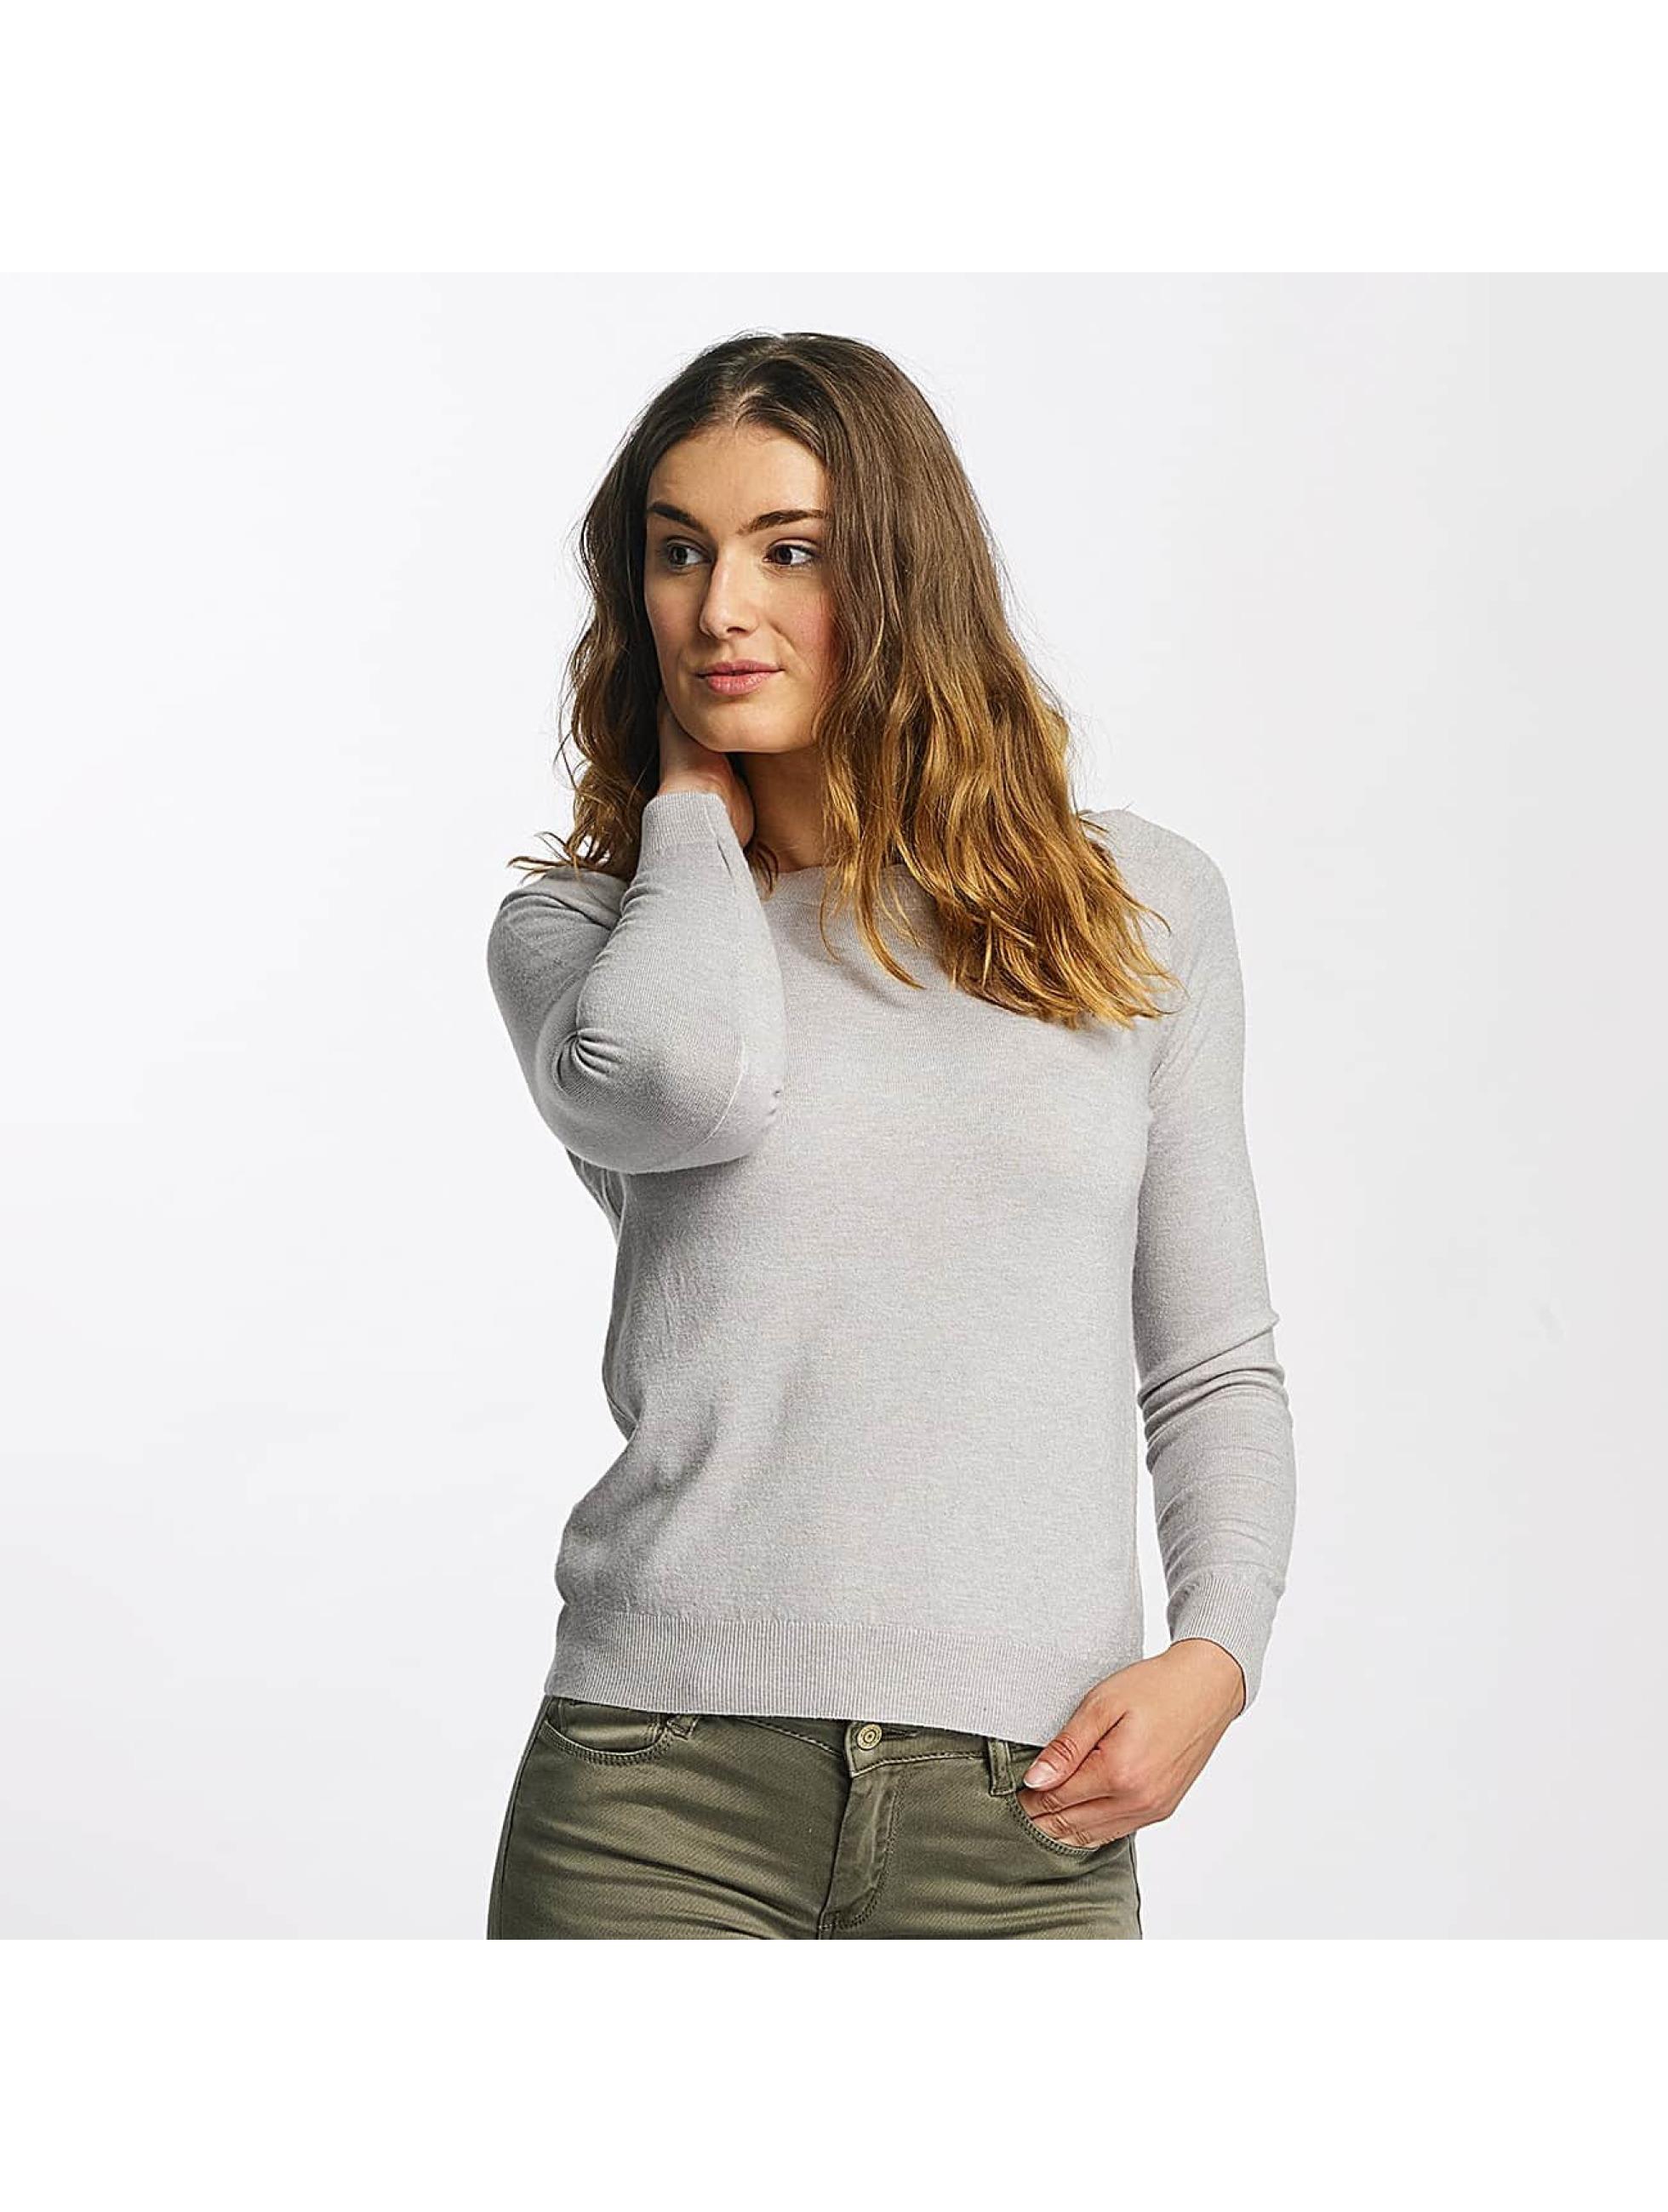 Vero Moda Frauen Pullover vmHappy in grau